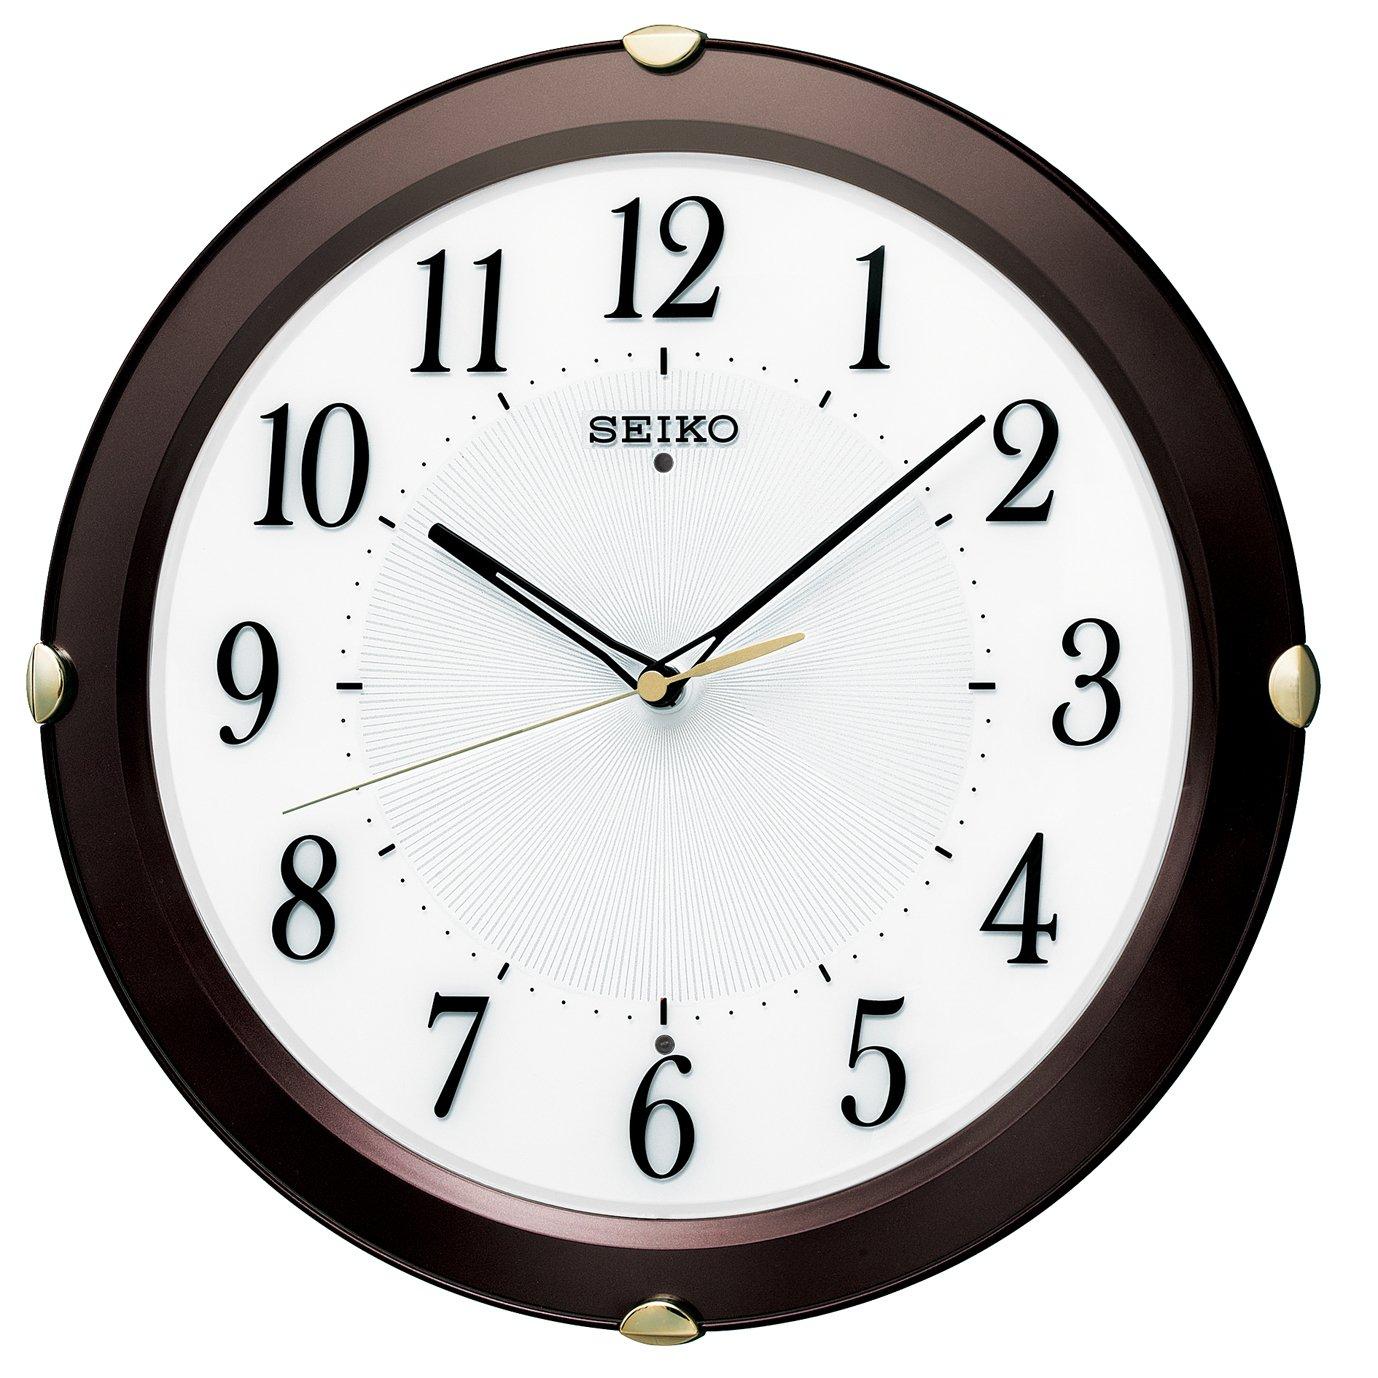 セイコー クロック 掛け時計 電波 アナログ 茶 メタリック KX211B SEIKO B014KIXN9C 茶 メタリック 茶 メタリック